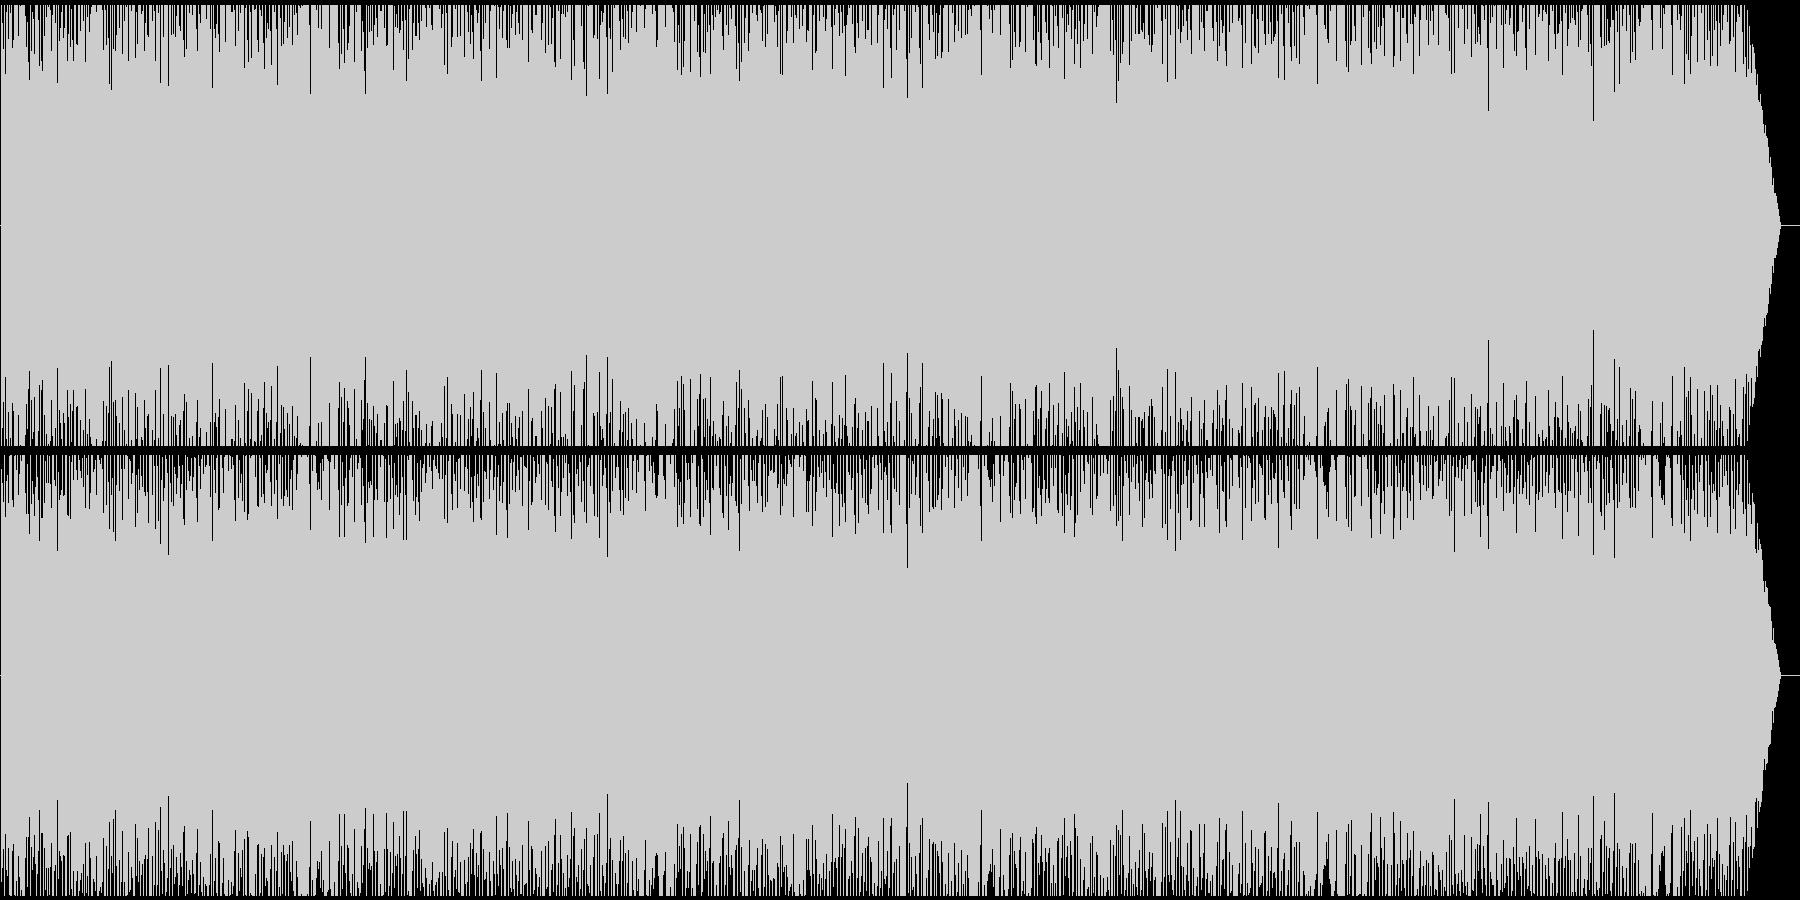 楽しげで快活なイメージのBGMの未再生の波形